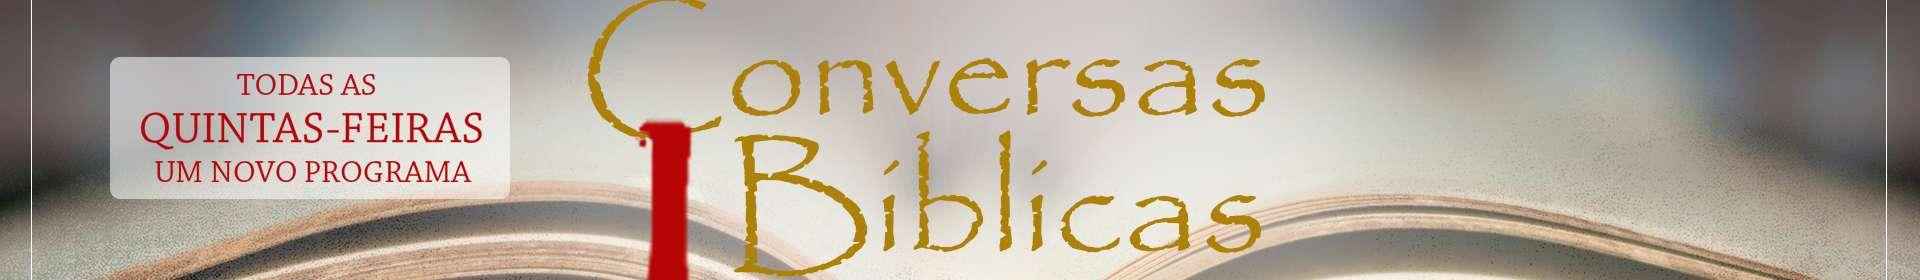 Conversas Bíblicas: Os recursos da graça - Parte 1